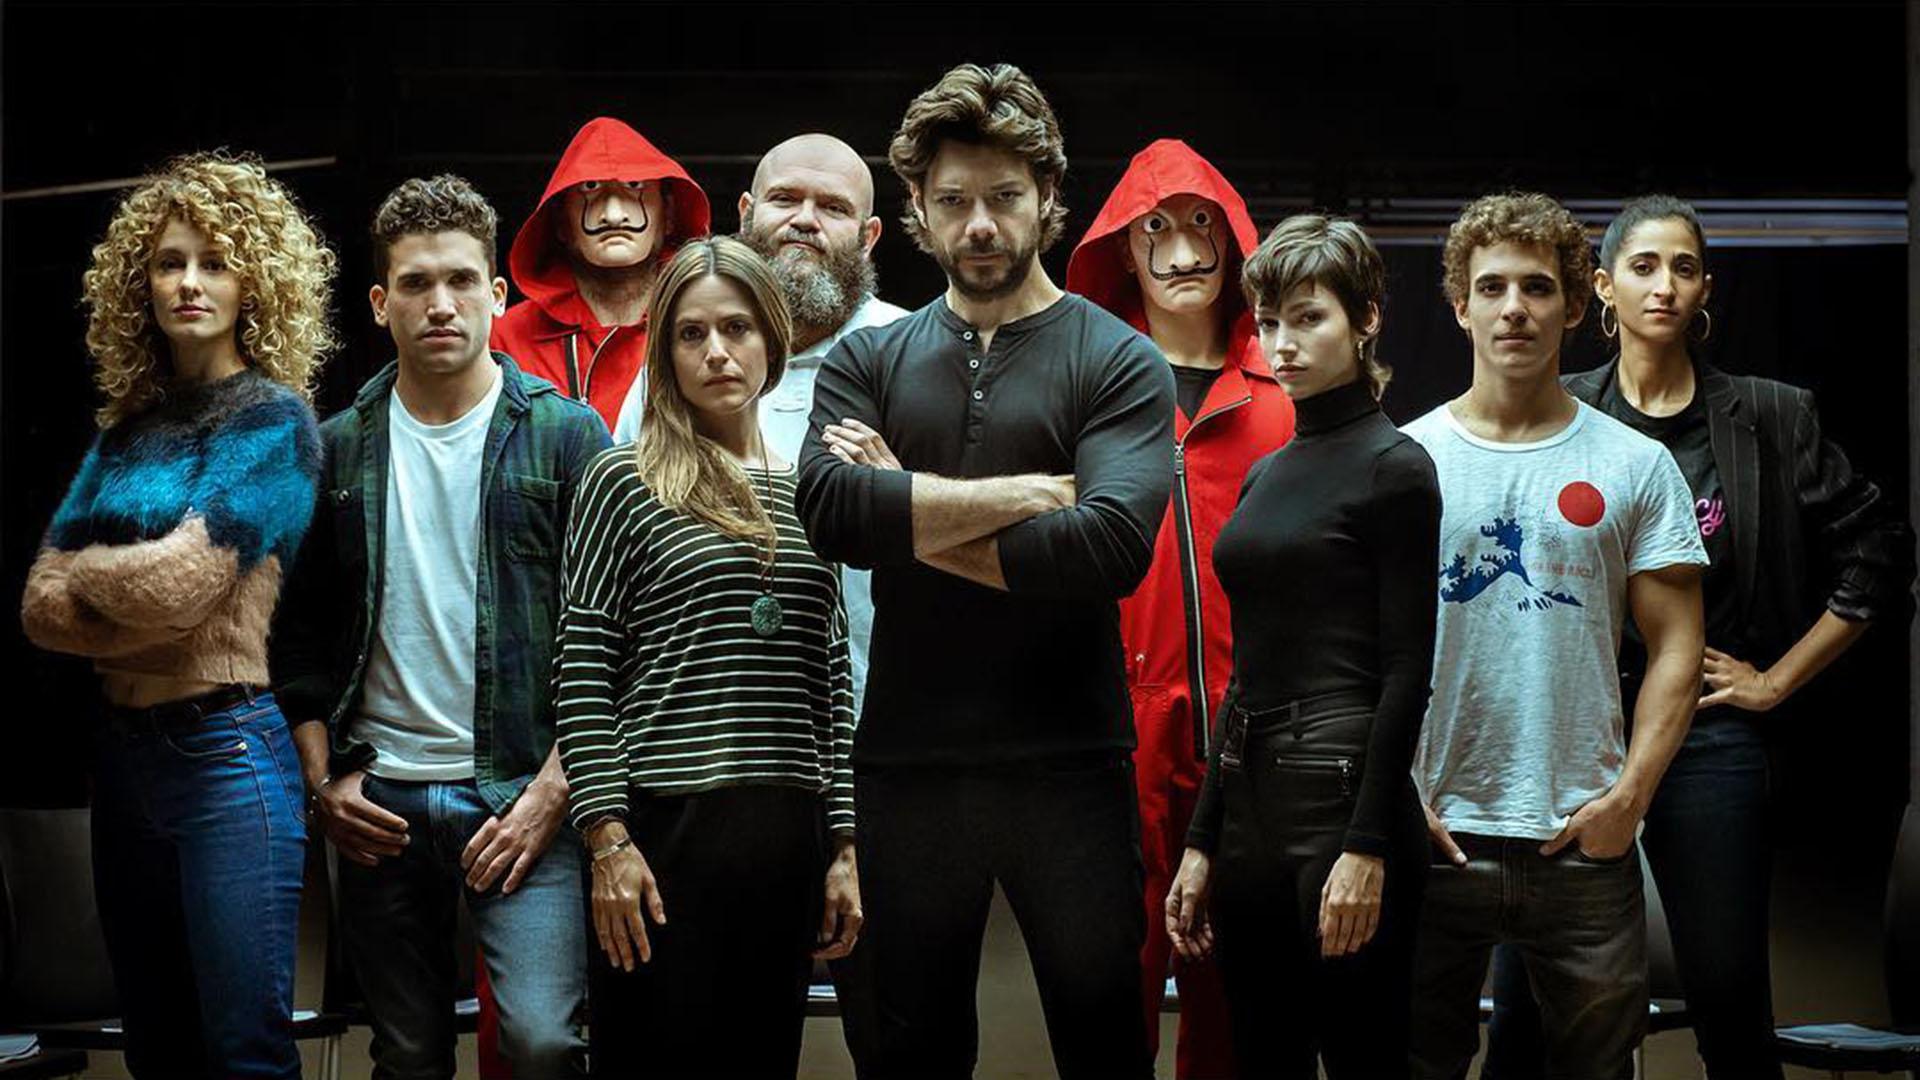 La Casa de Papel lideró las búsquedas en el rubro series y programas de TV.